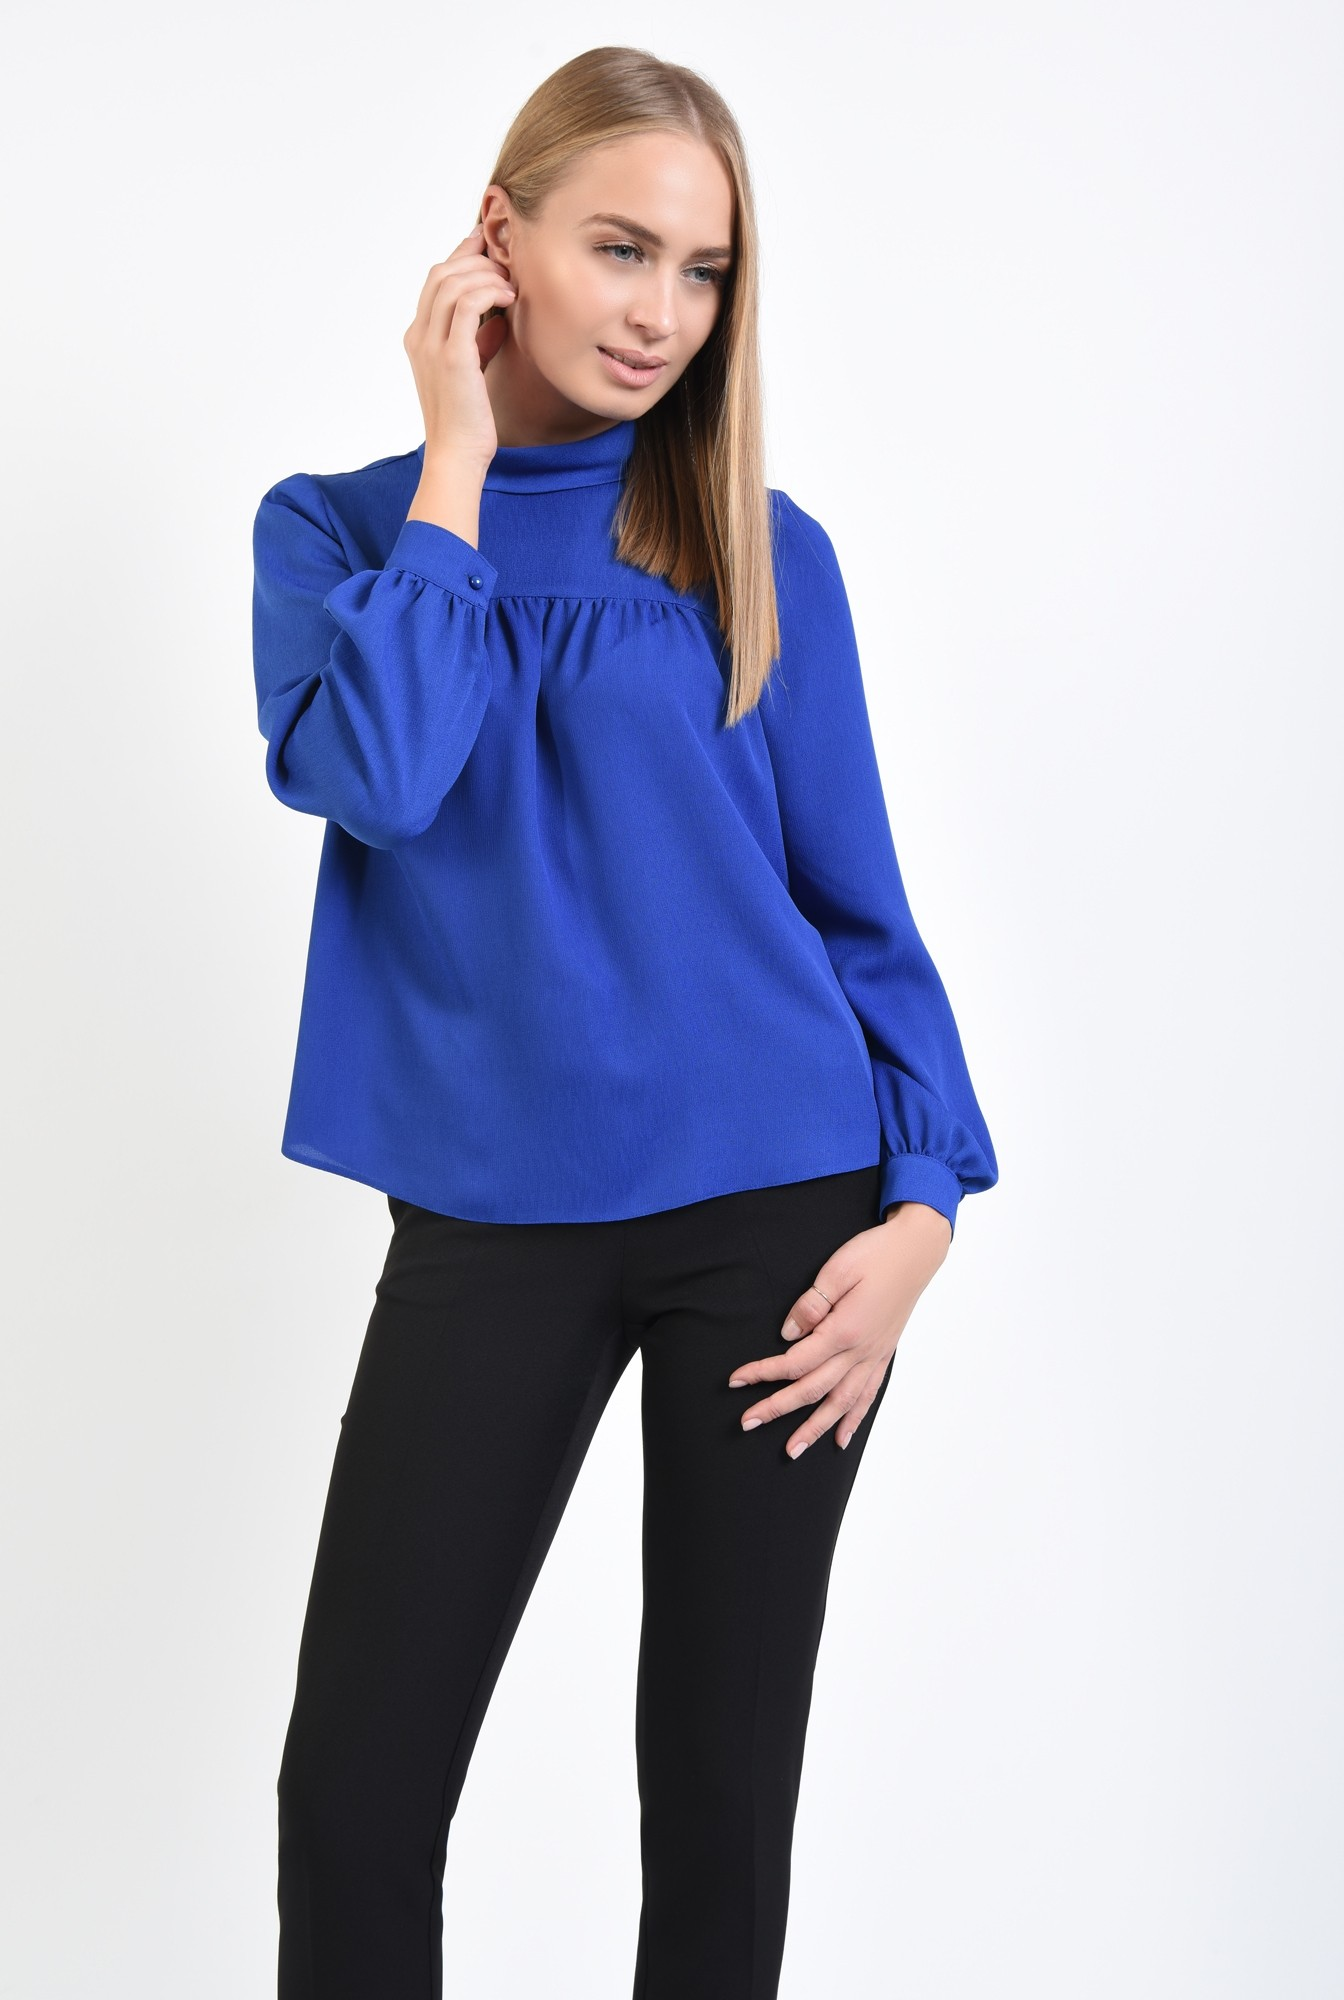 0 - 360 - bluza albastra, croi lejer, maneci lungi